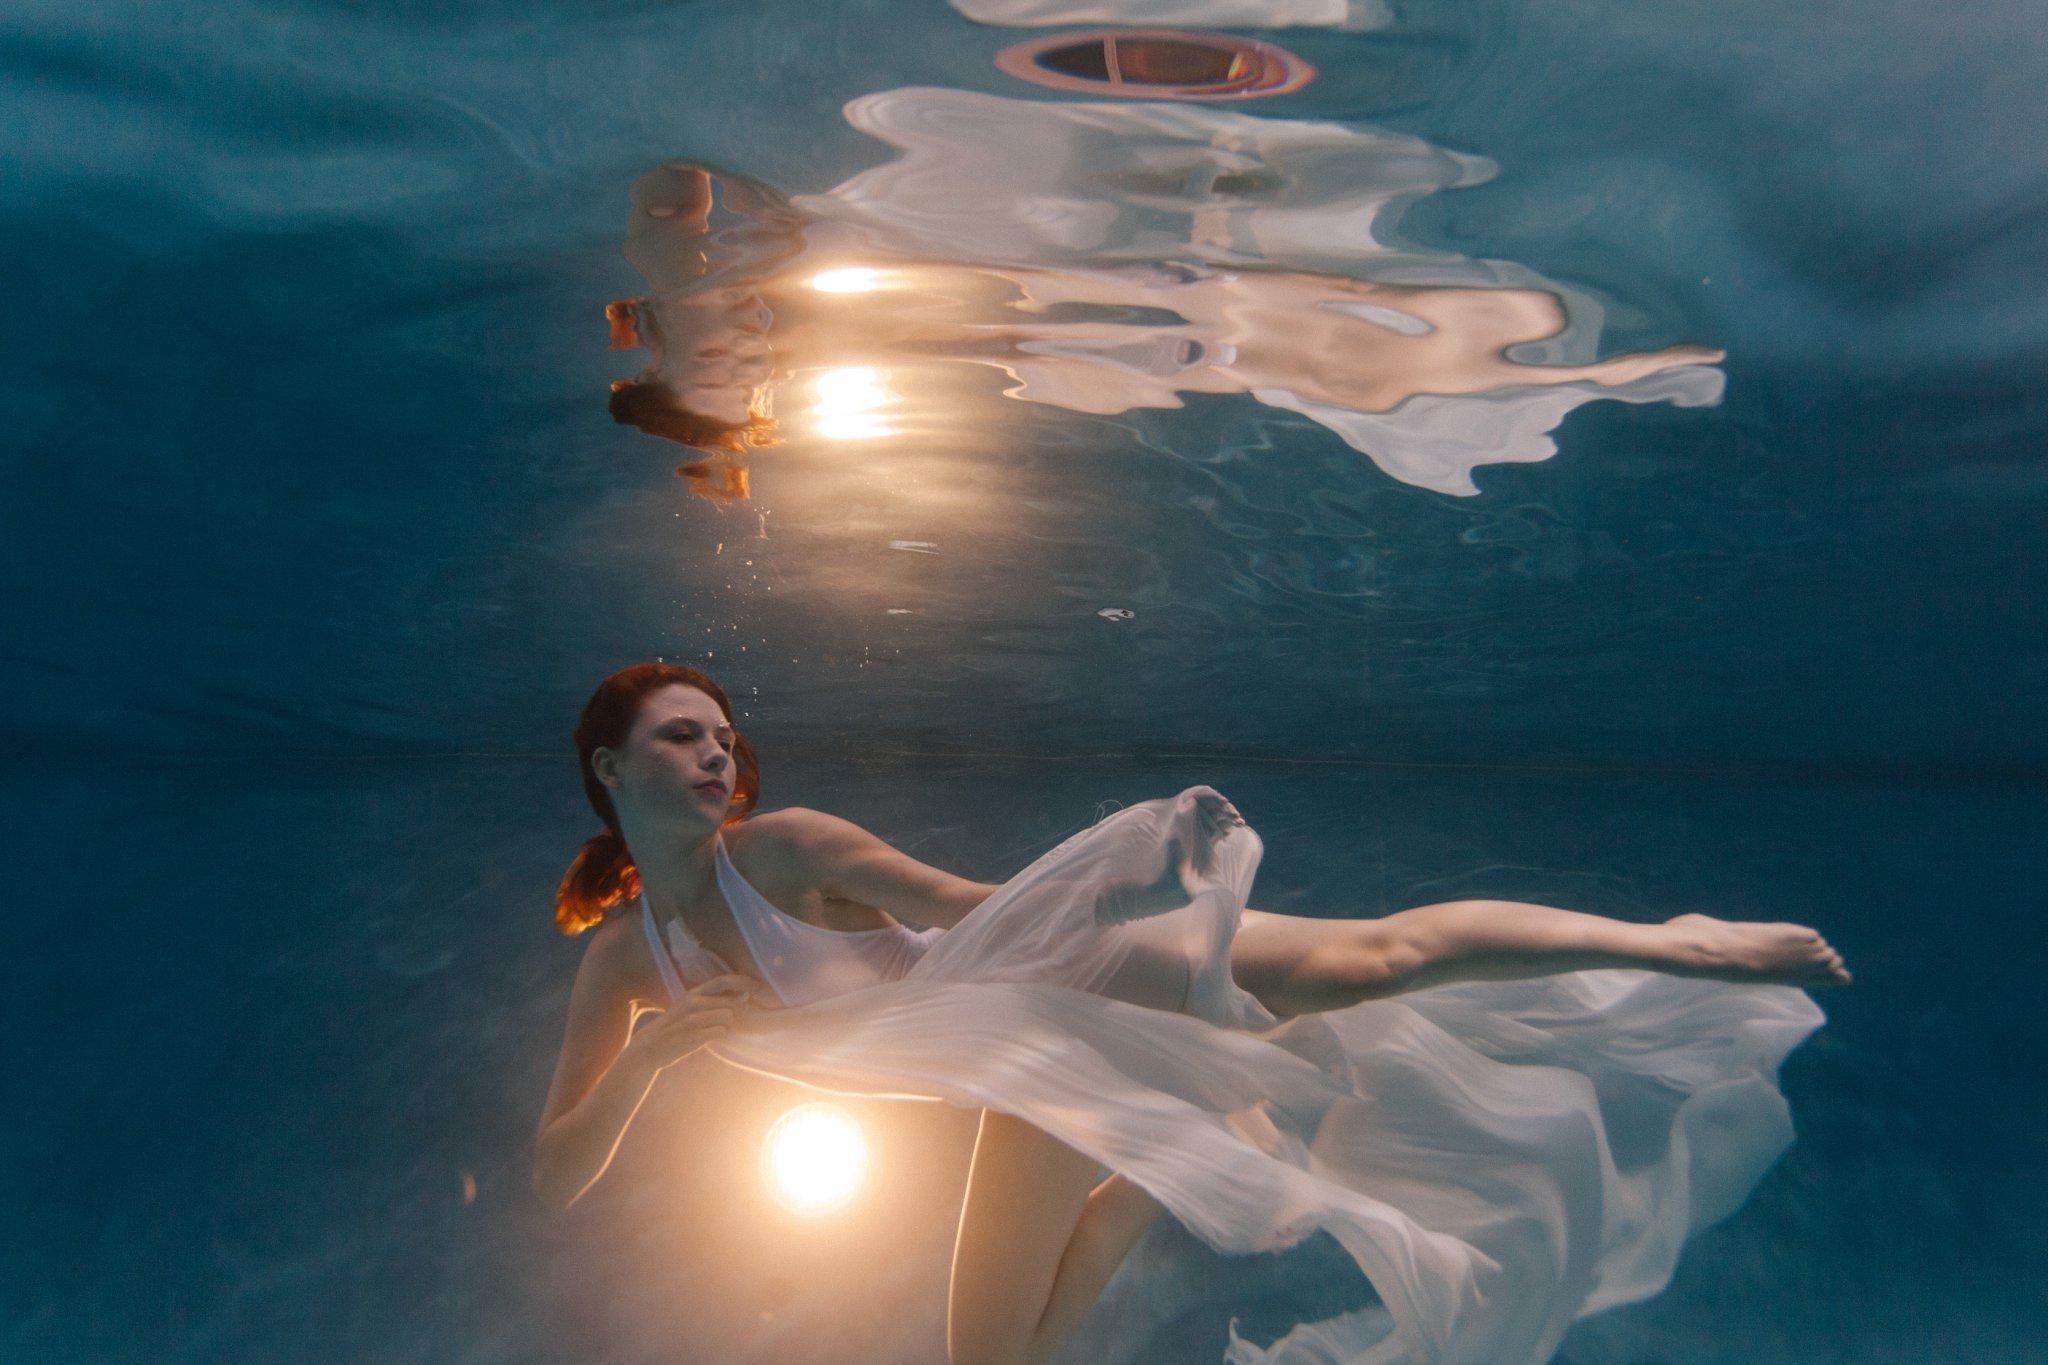 Arizona underwater fashion portraits